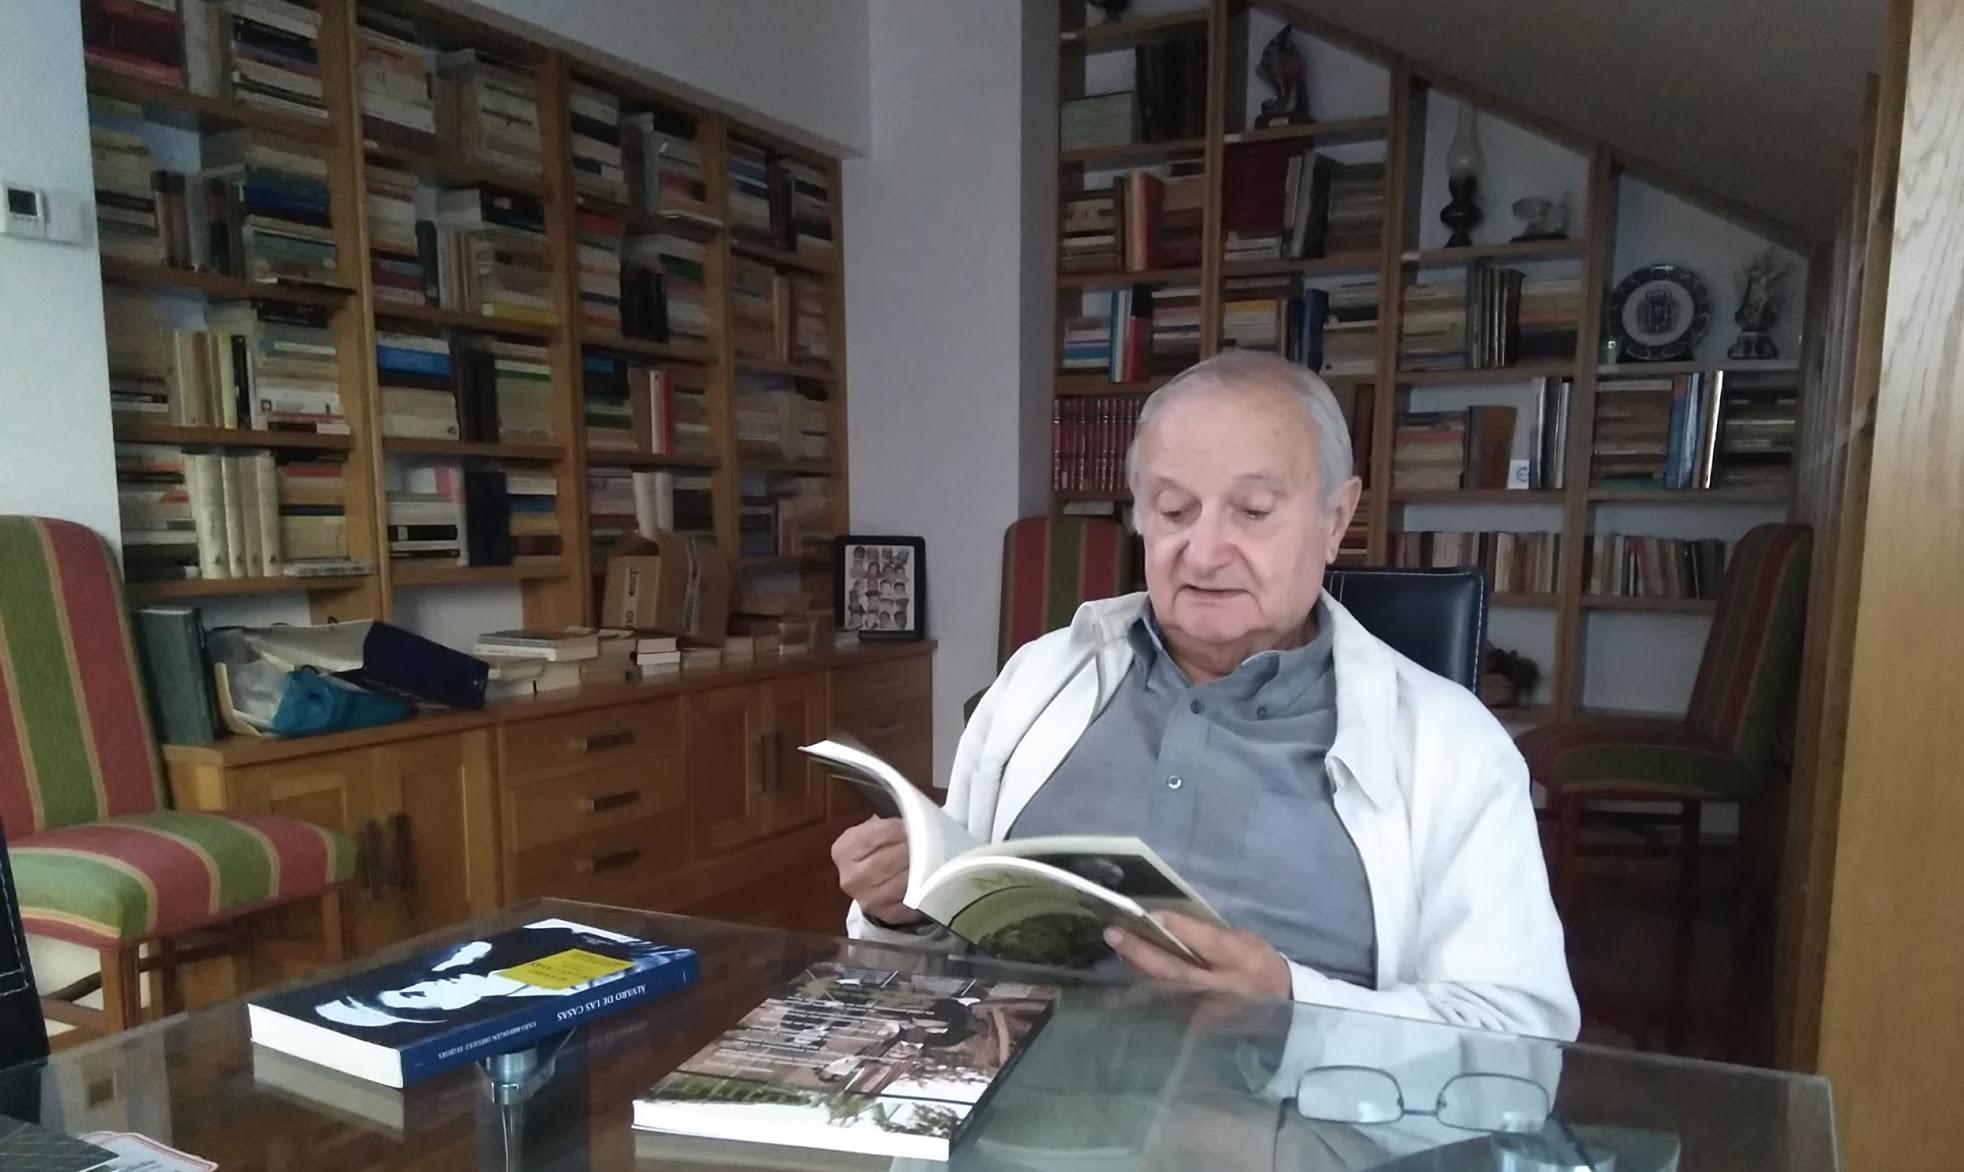 Retrato de José Antonio Durán en el rincón de tertulias e invitados de la sede pontevedresa del Taller de Ediciones, por Uxío-Breogán Diéguez